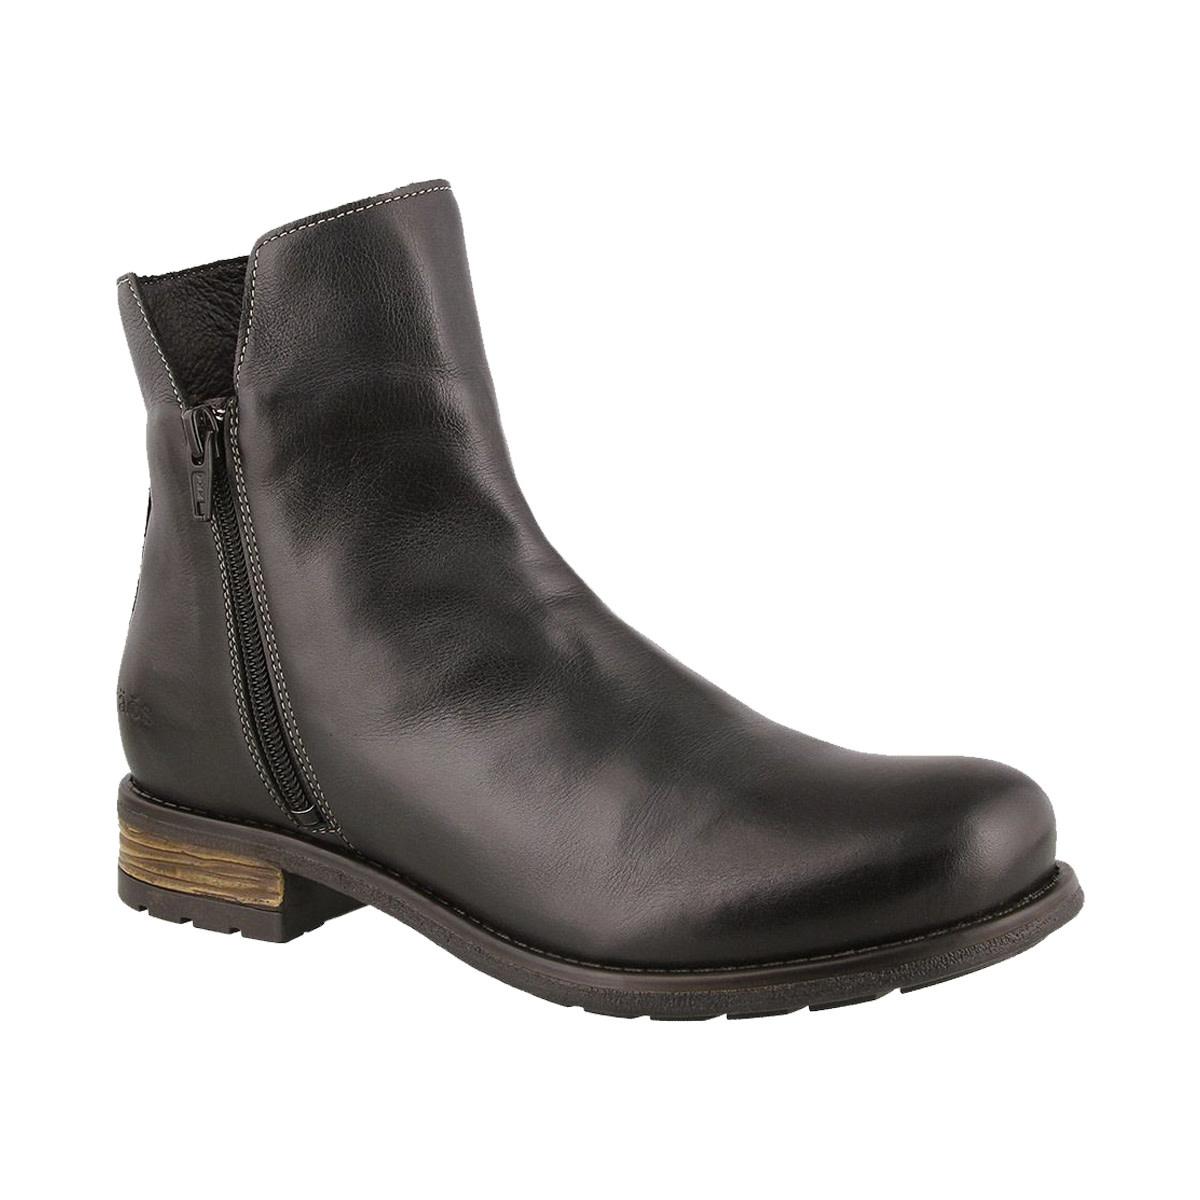 Taos Footwear Taos Women's Zip It Black